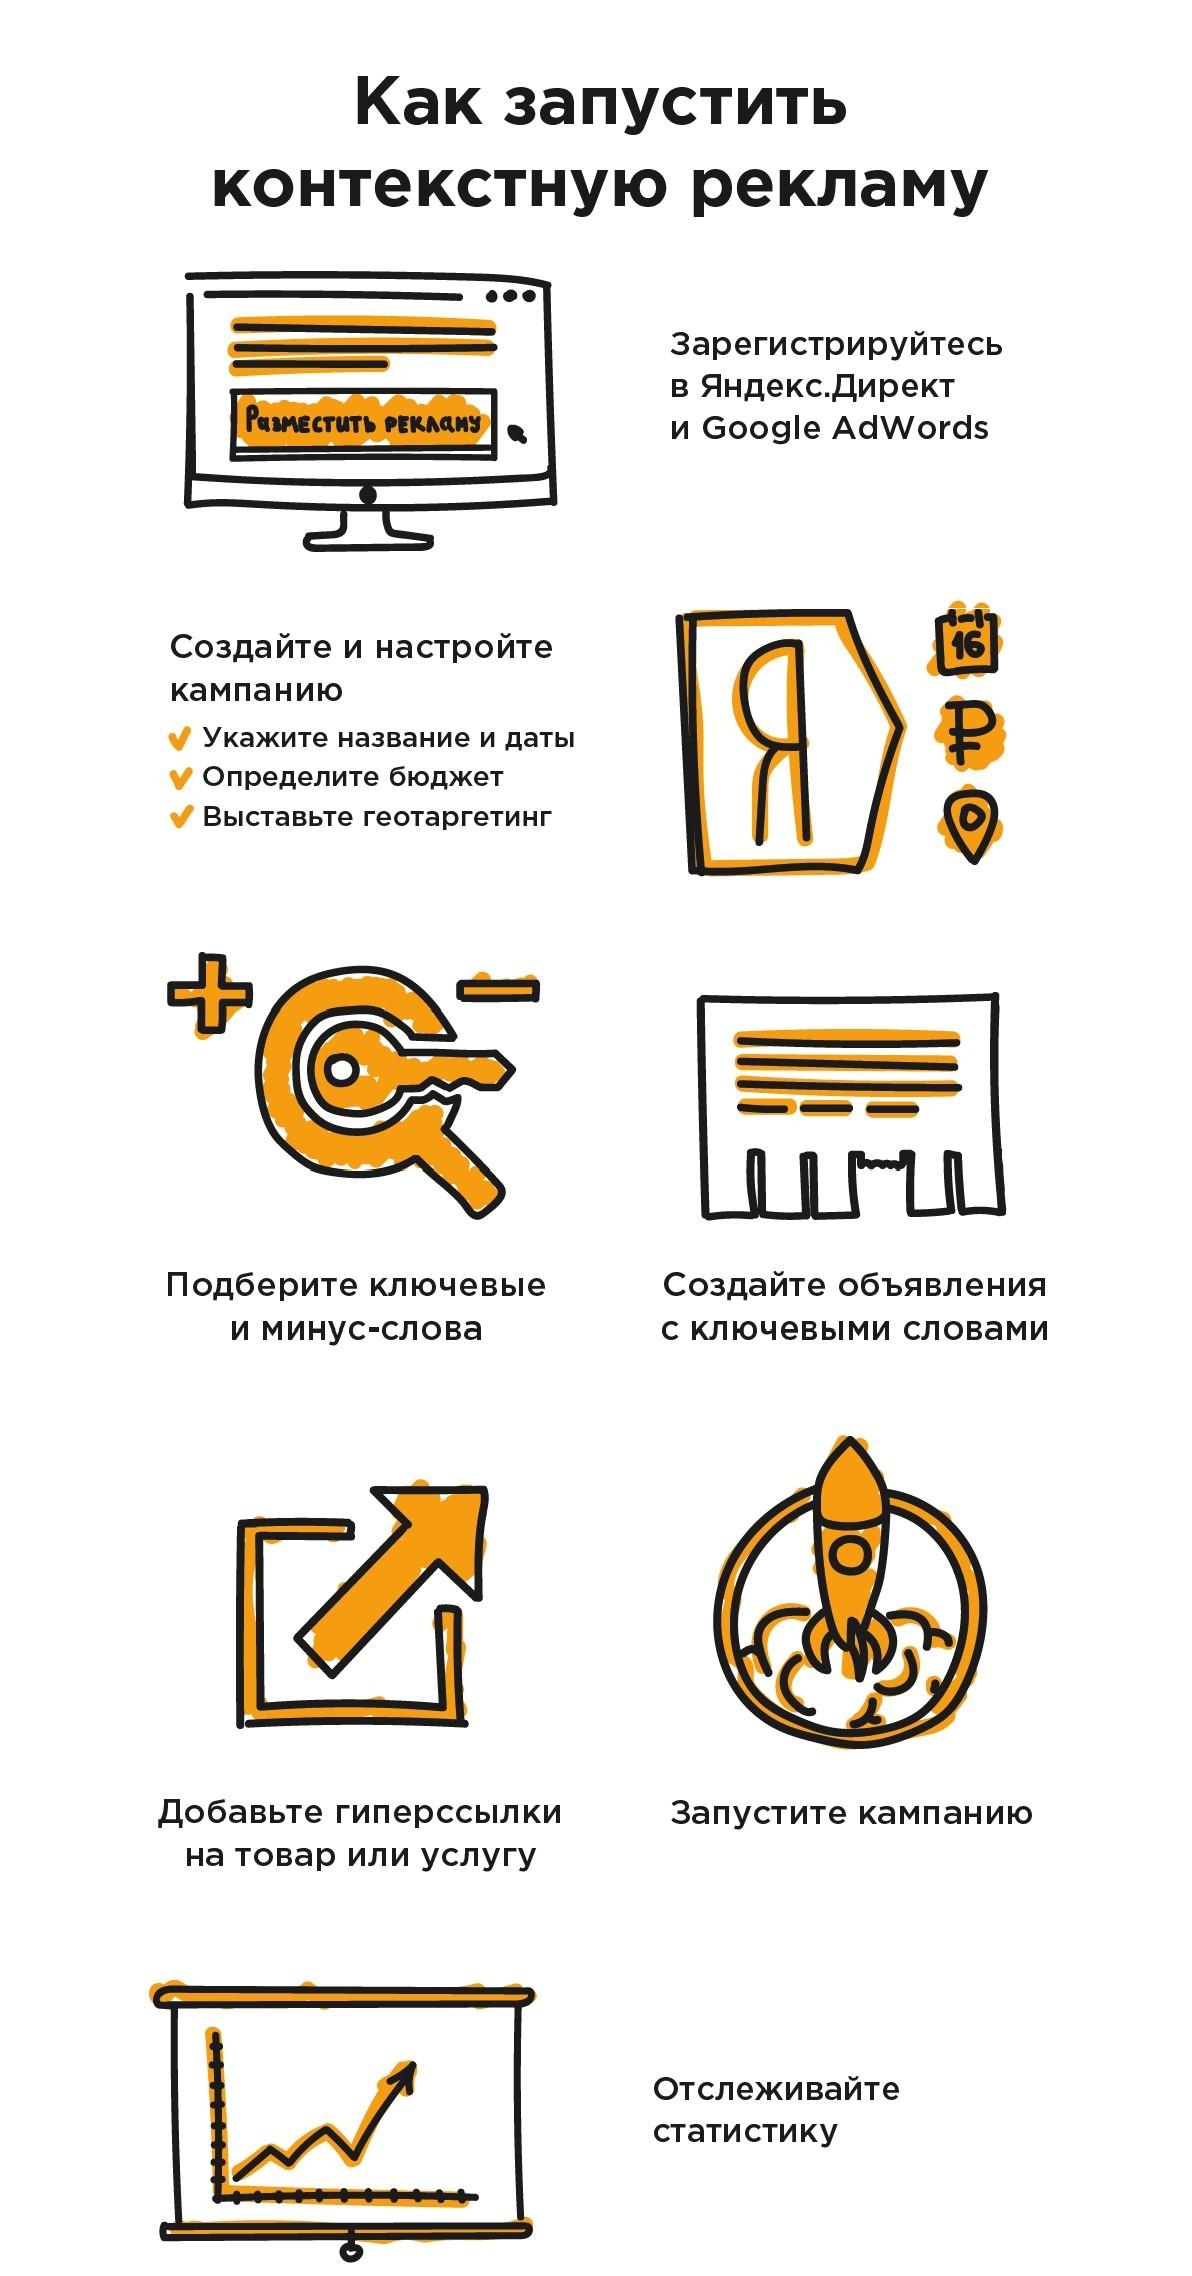 Контекстная реклама: этапы создания